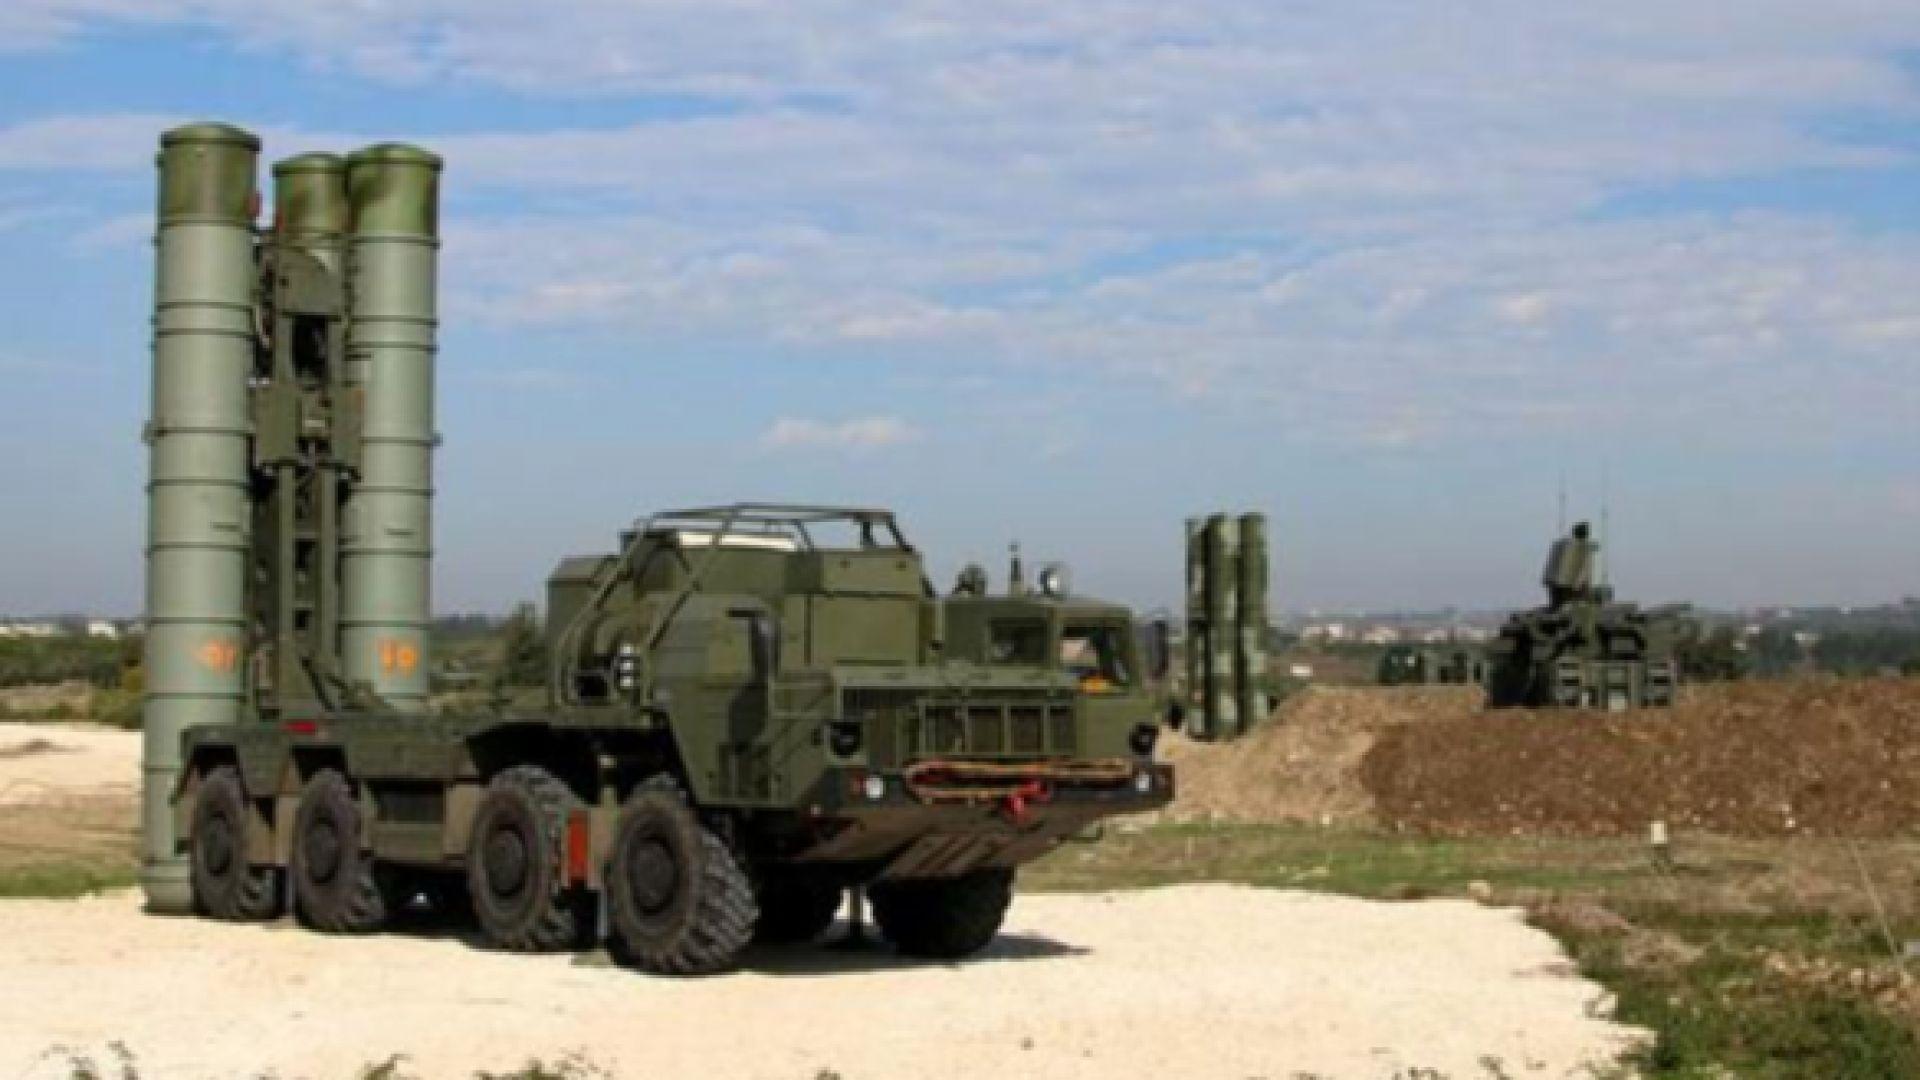 САЩ и Русия обсъдиха военните си доктрини: ядрени арсенали и ПРО